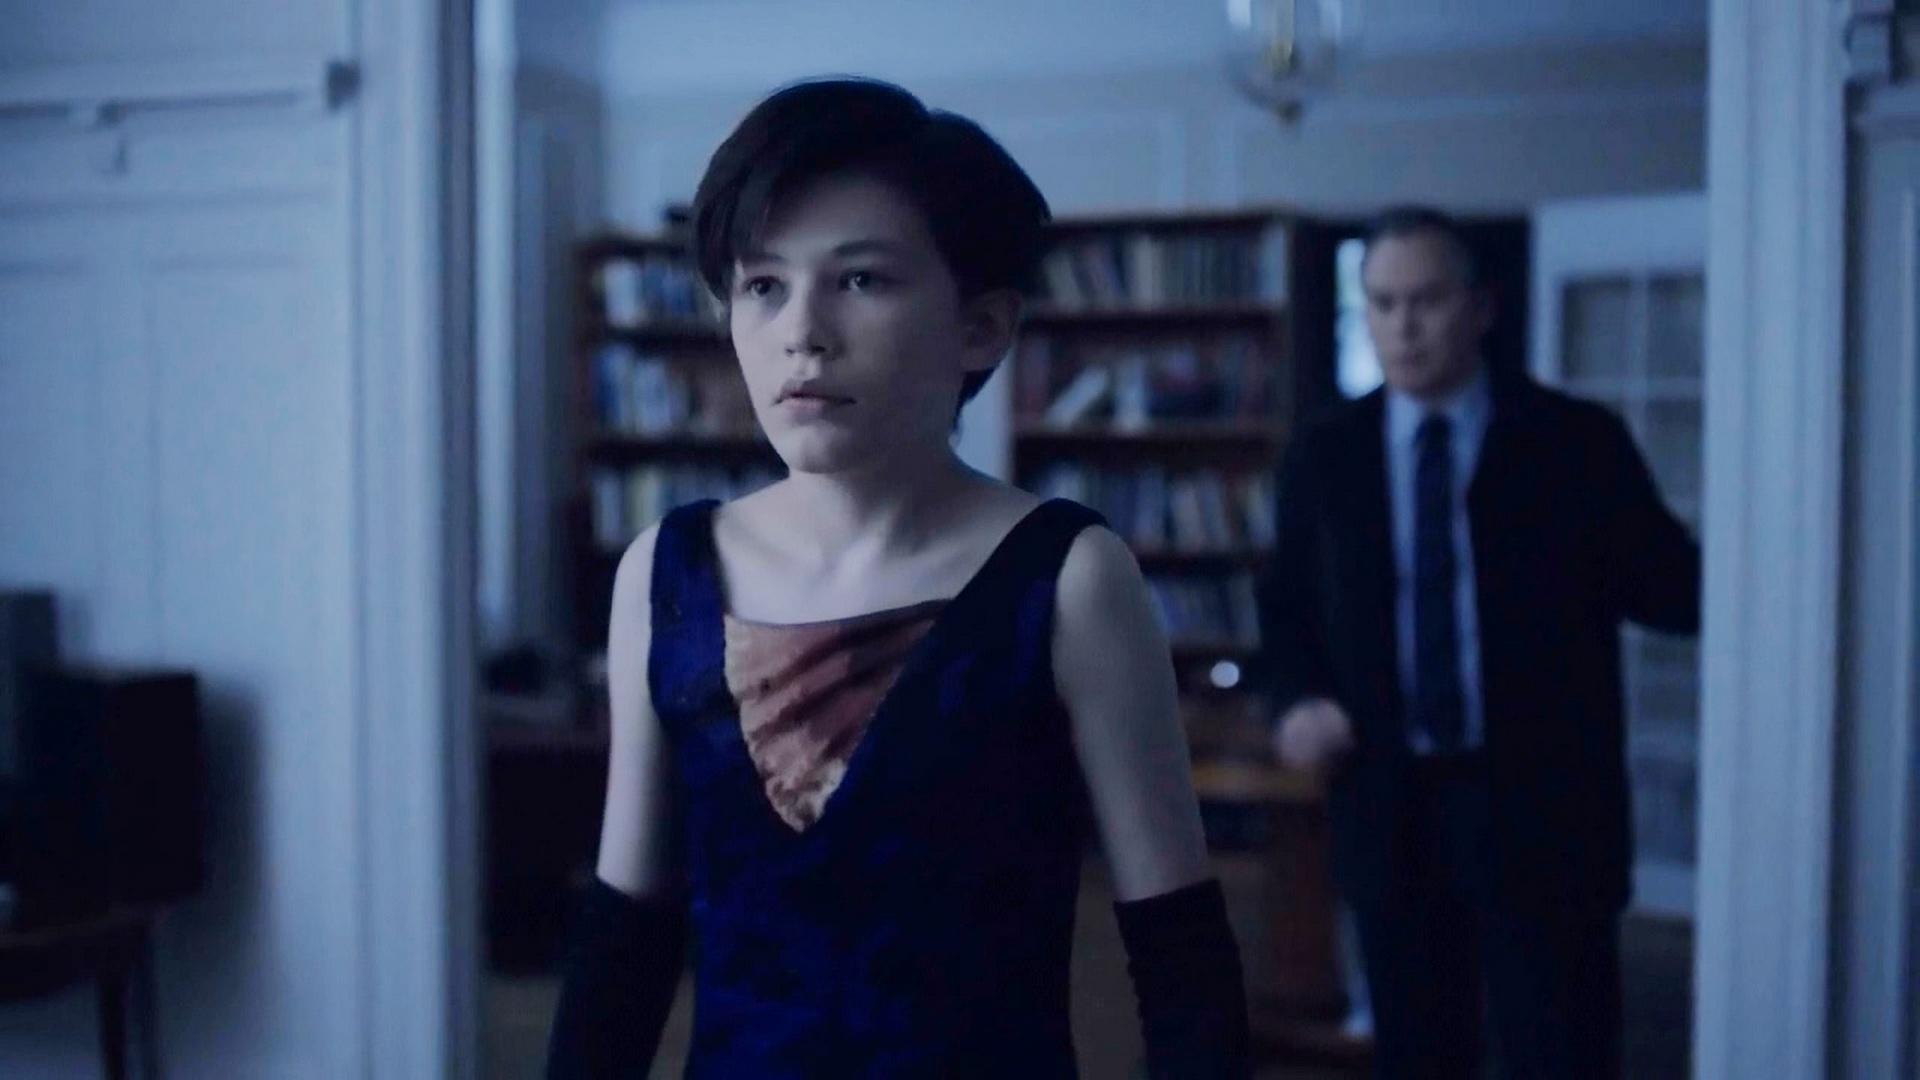 【阿斗】小男孩偷穿女装被家长发现,没想到在寄宿学校遇到更可怕的秘密!《寄宿学校》